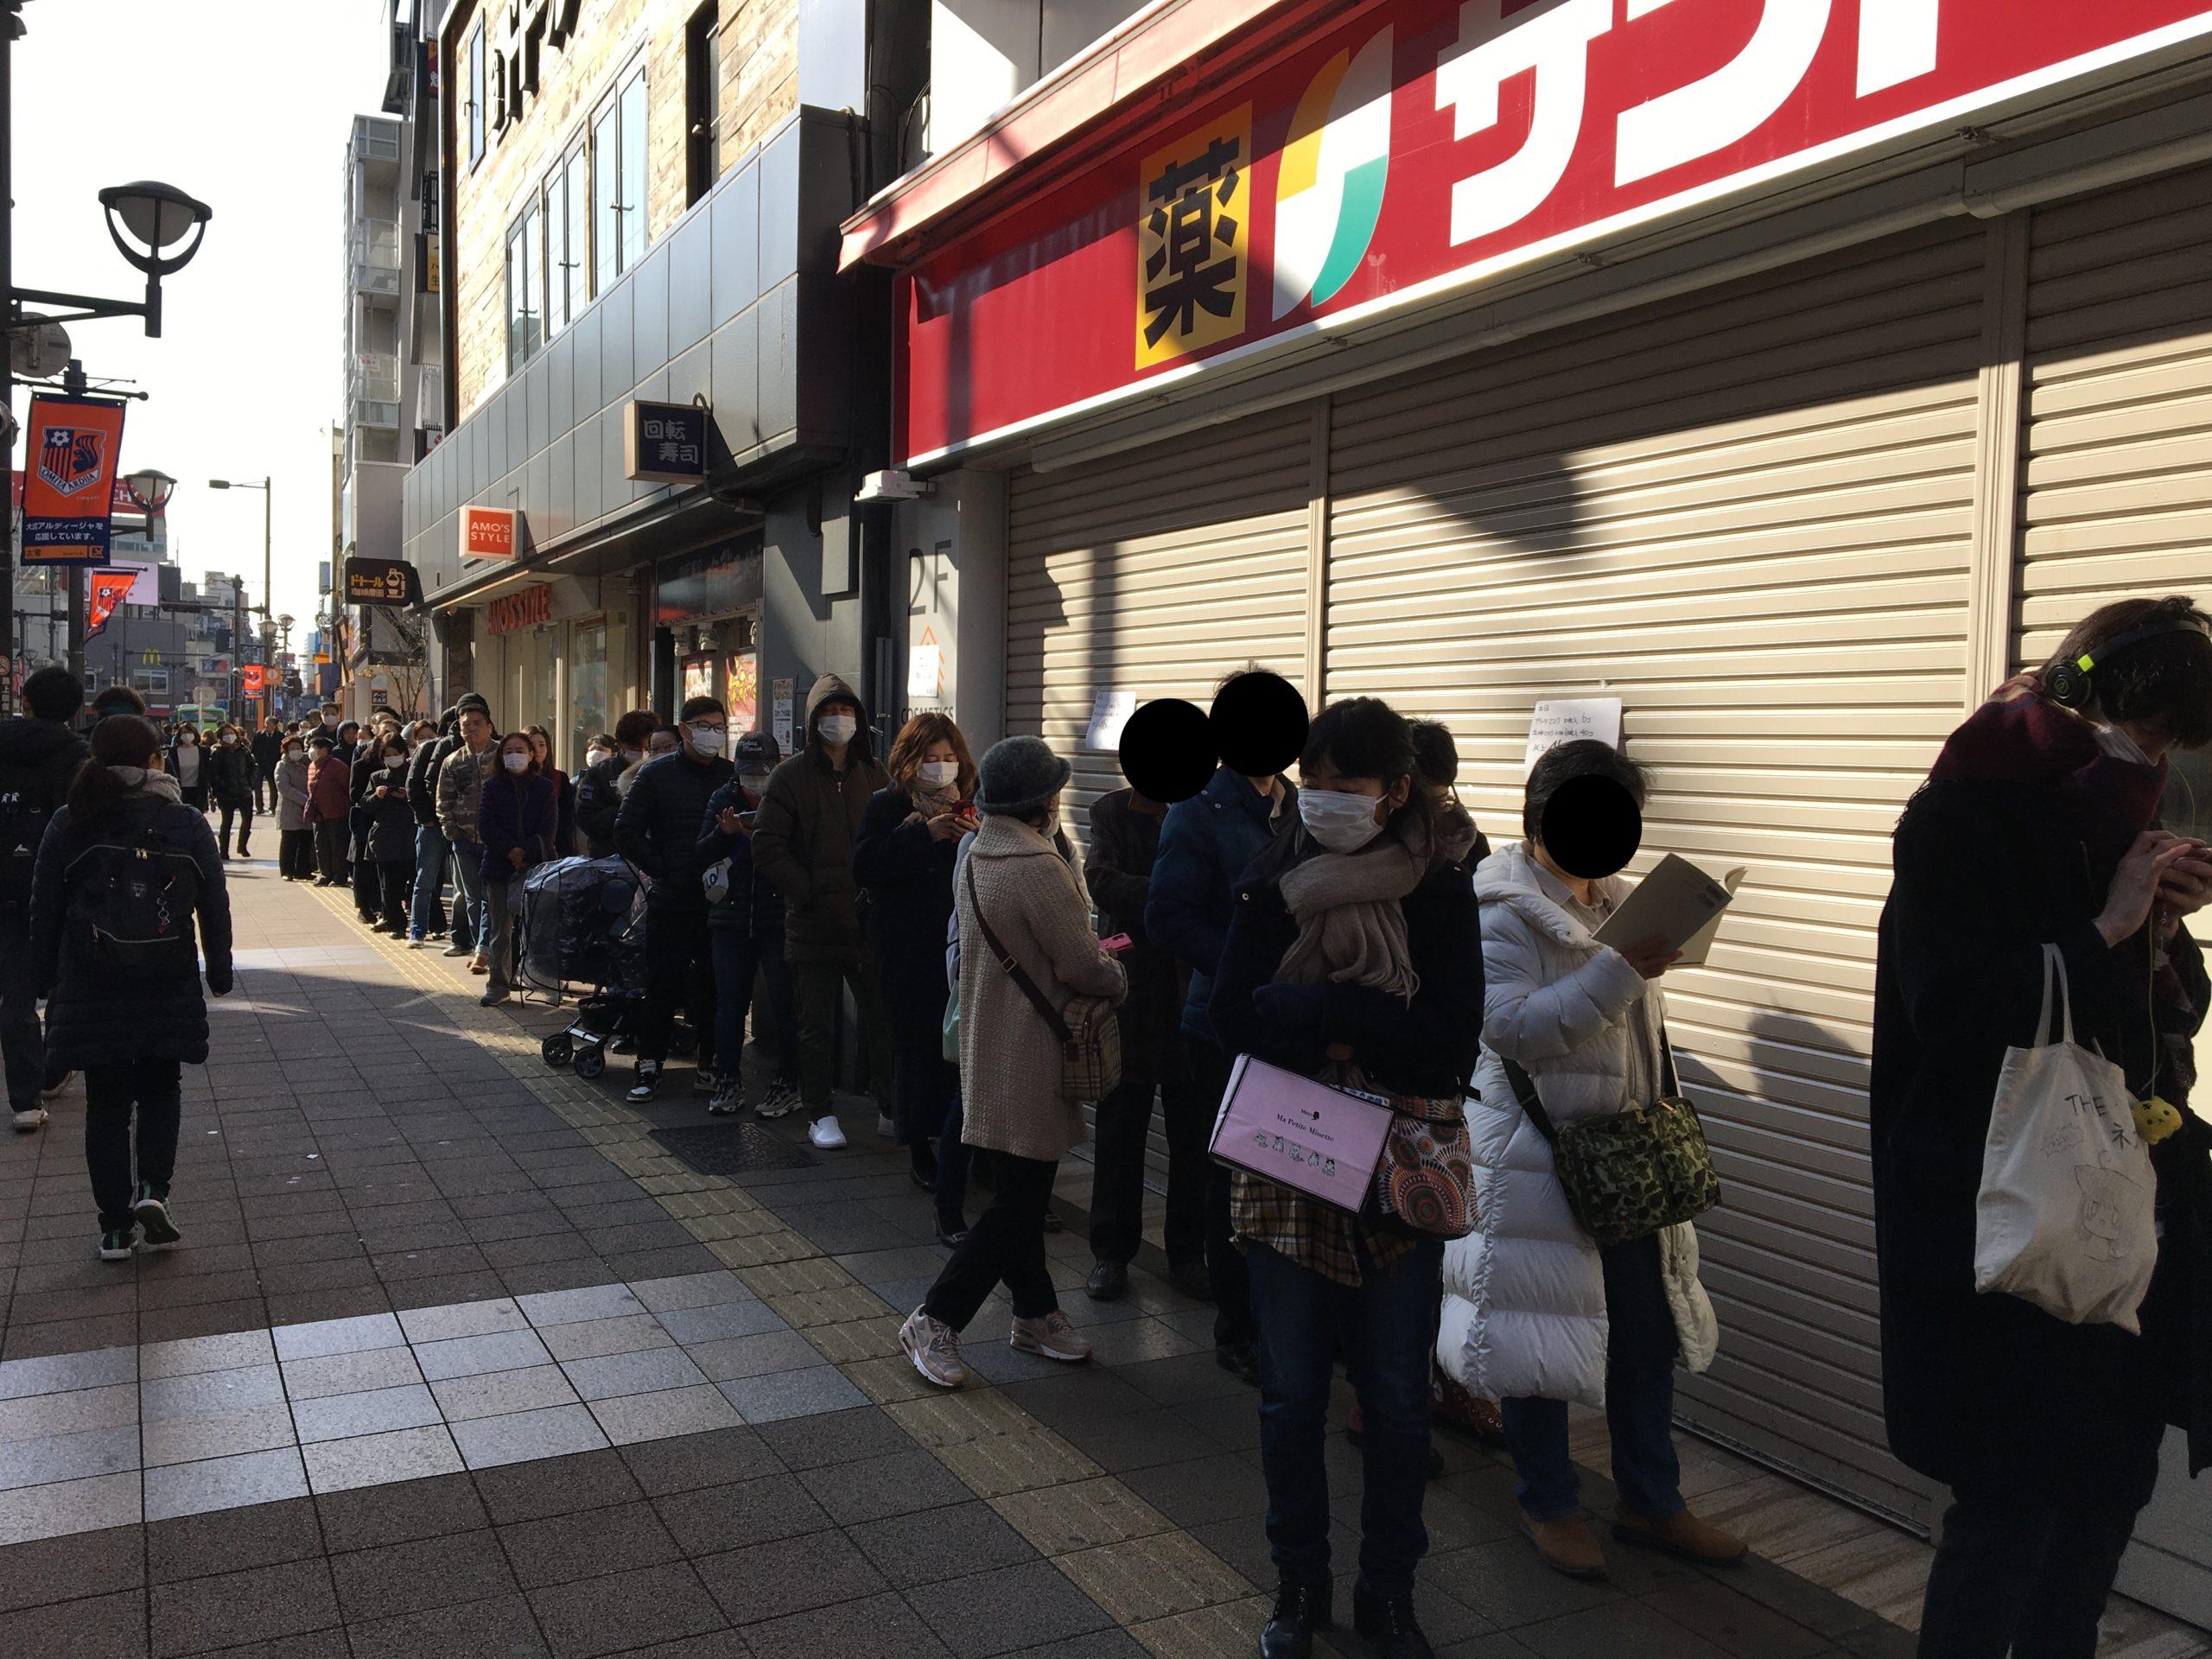 埼玉でも感染者確認ー新型コロナウイルスの予防&もしもの時には 個人・家庭編